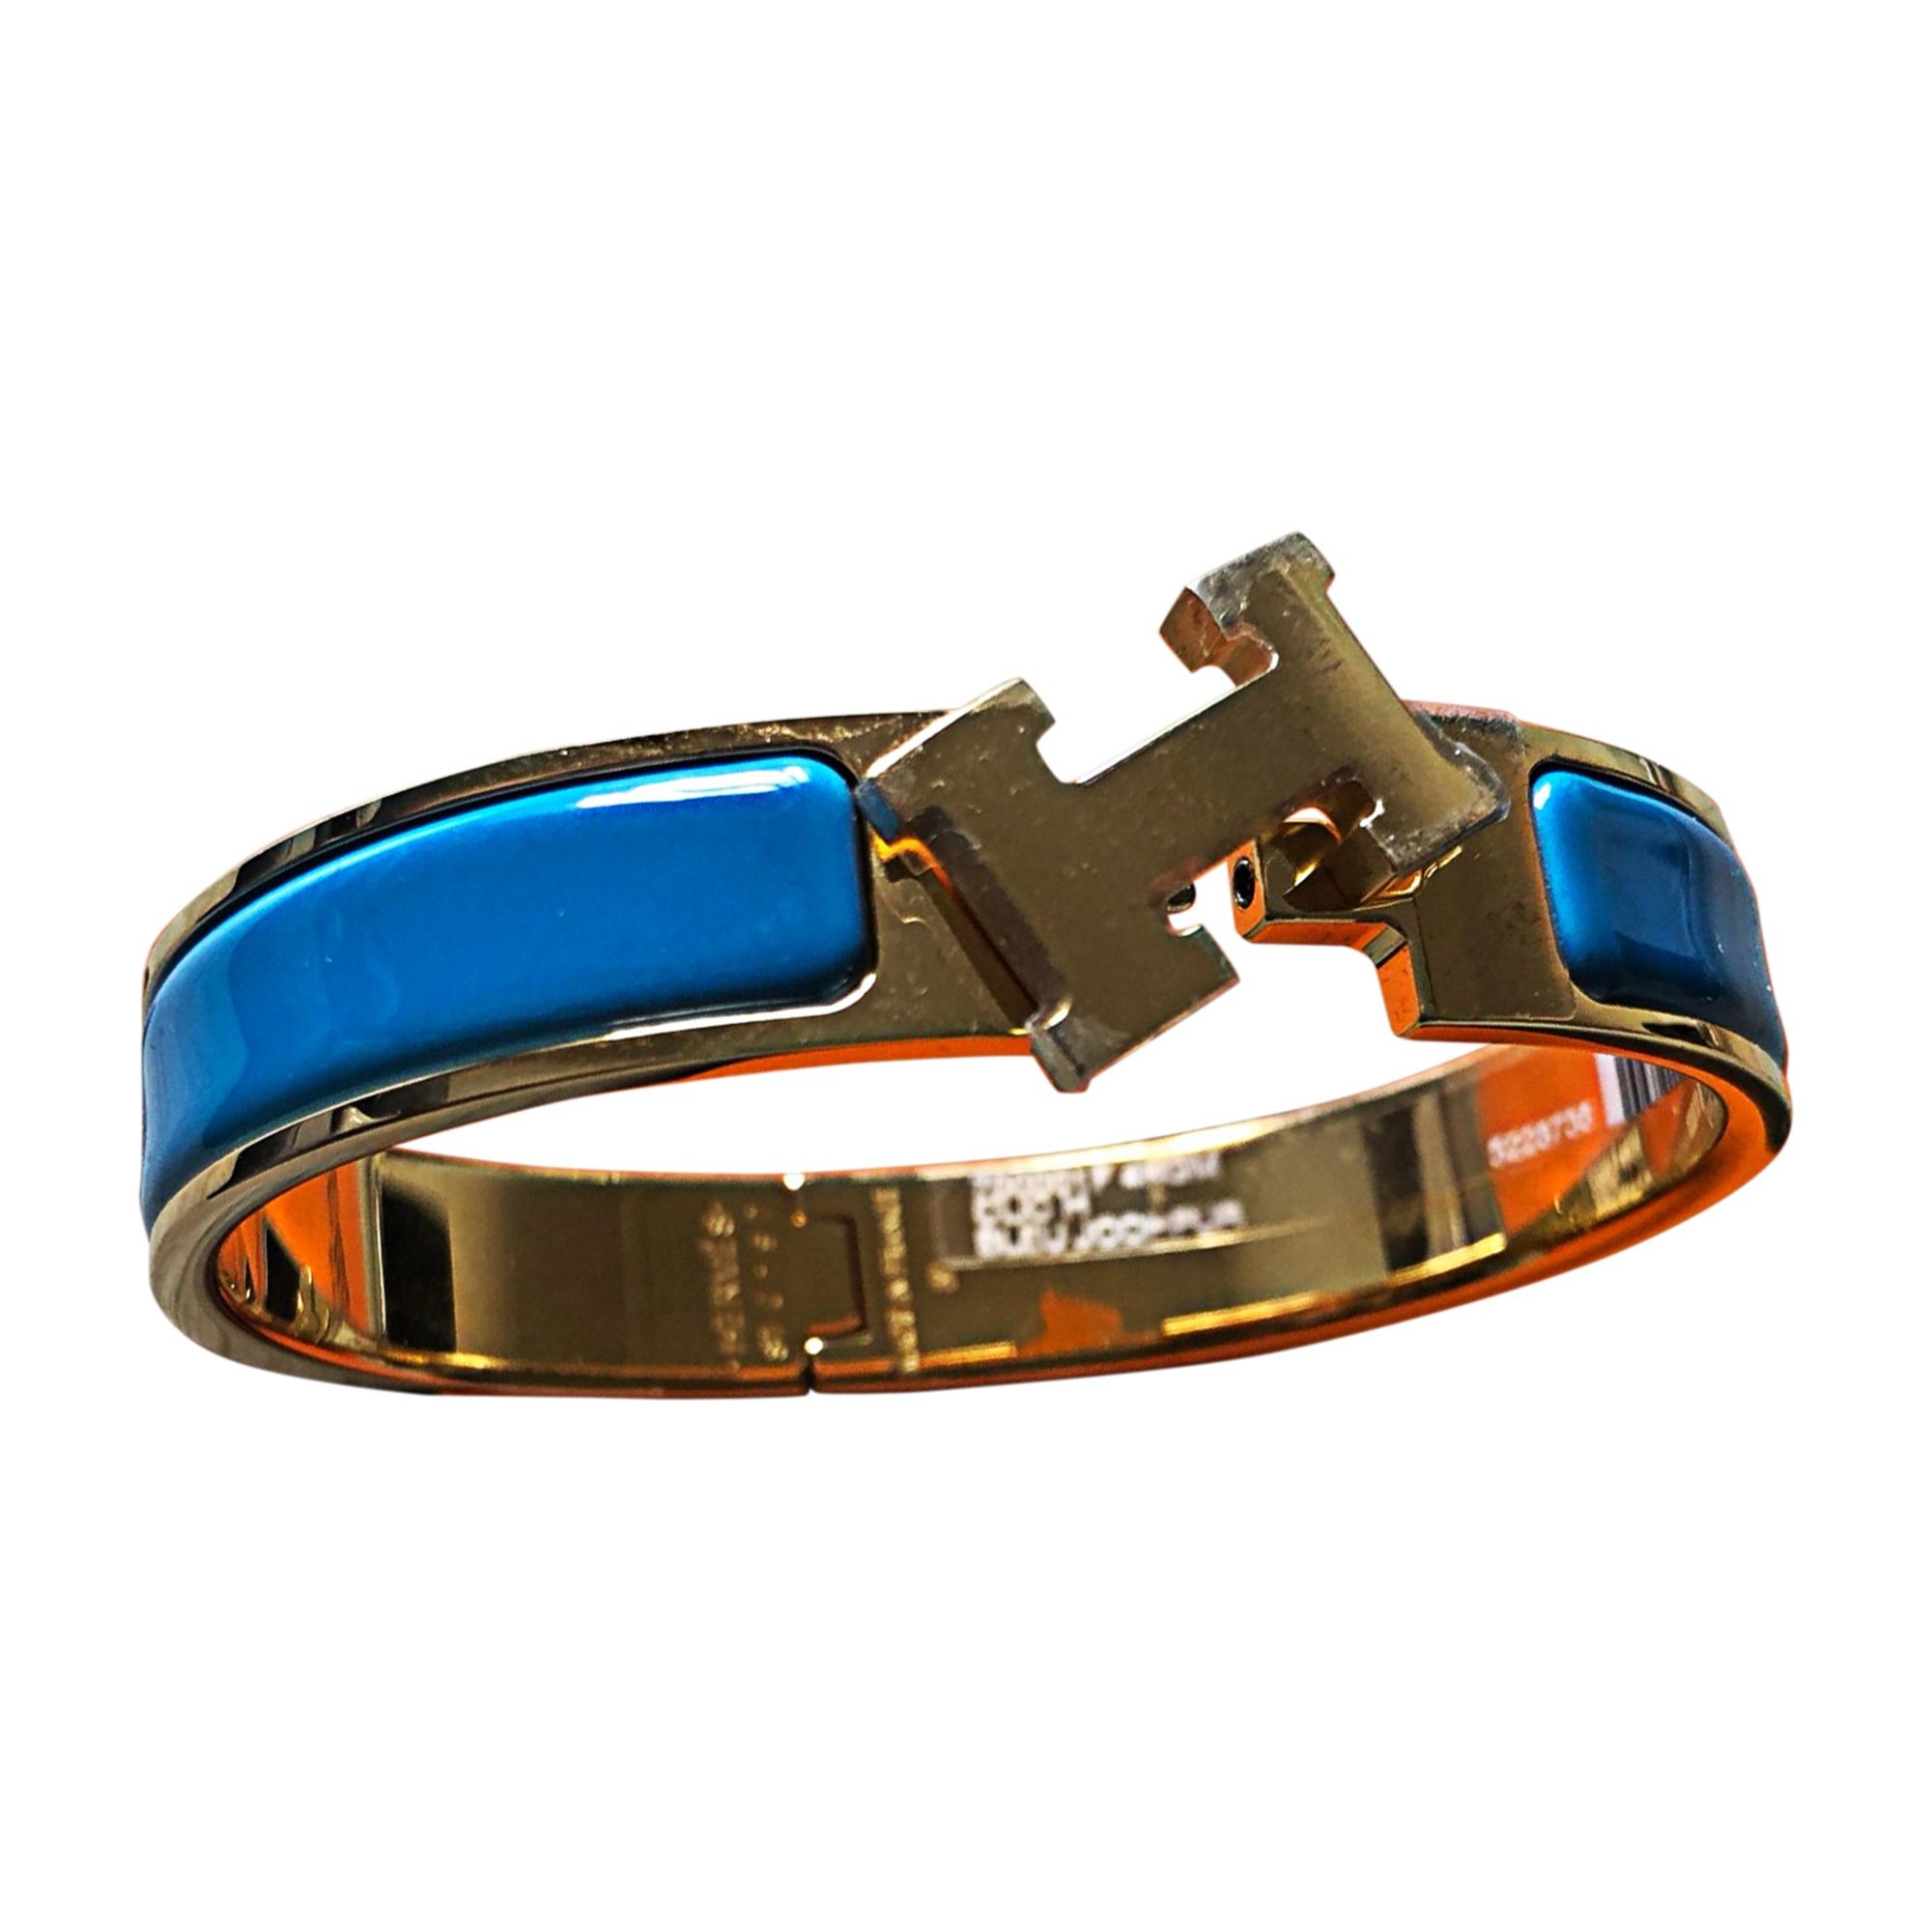 ... germany bracelet hermÈs clic h bleu bleu marine bleu turquoise b452f  59f1c ea895d090e1